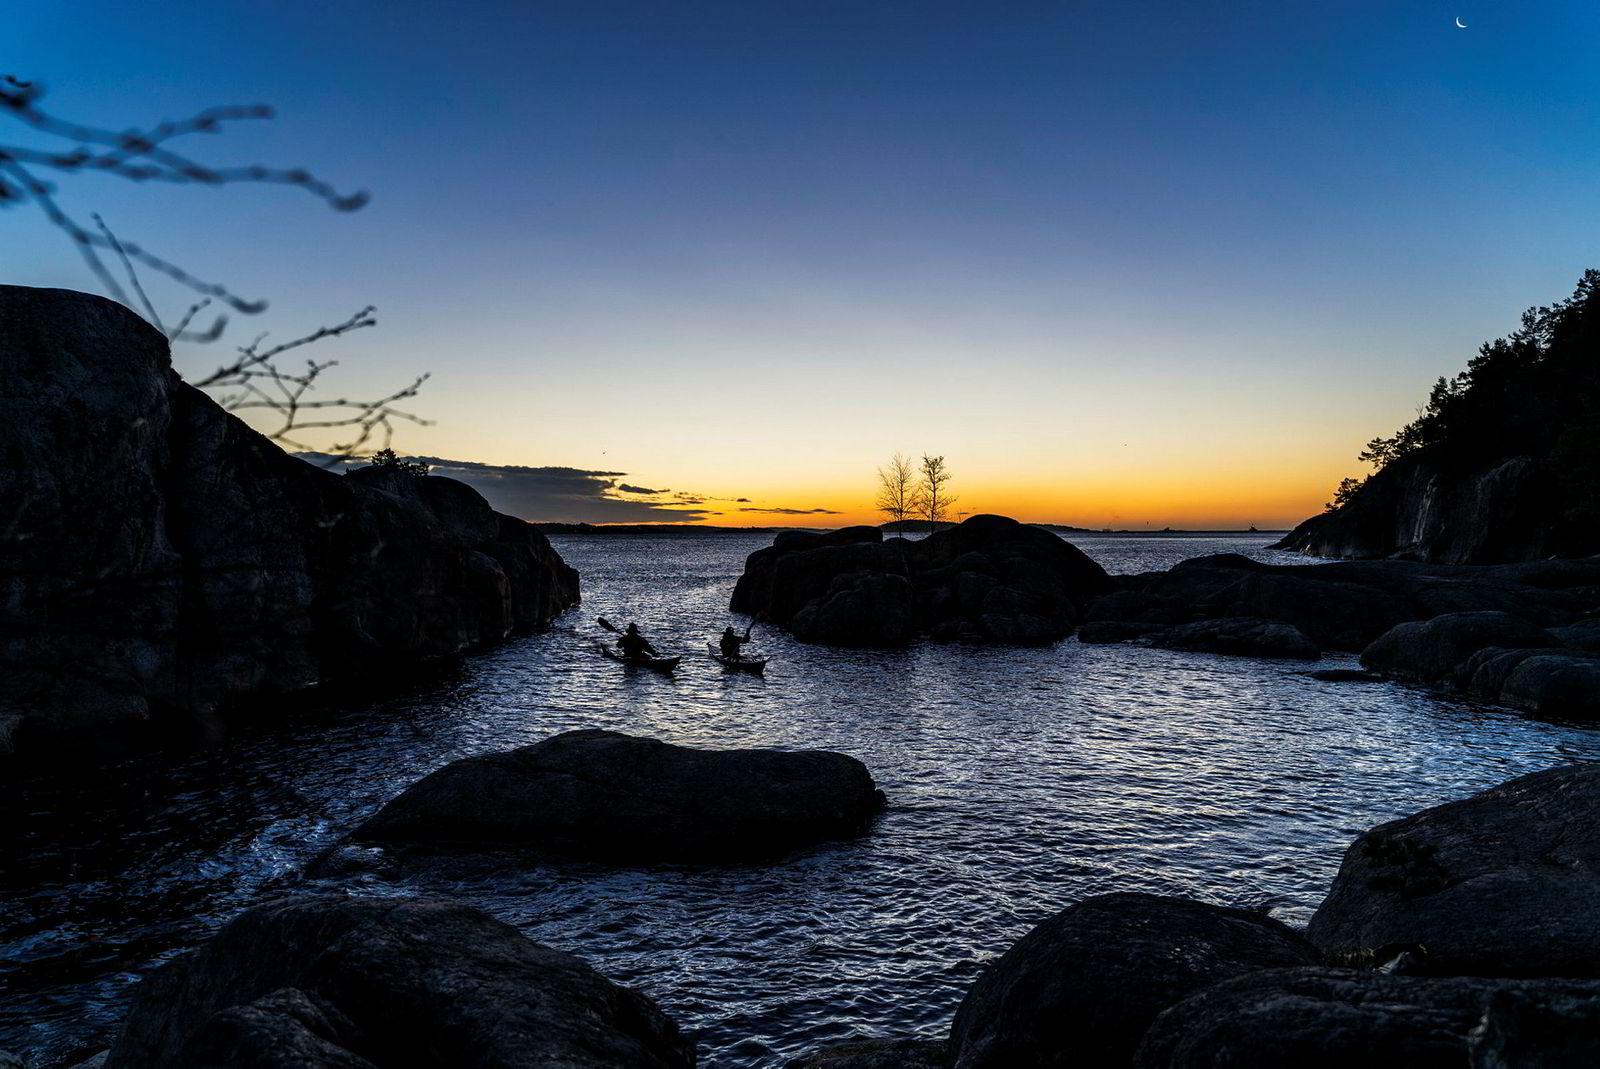 Noen få dager i desember hvert år kommer solen opp av havet i Kristiansandsfjorden. Da sørger Lars Verket for å få tatt en tur i kajakken så ofte som vær og vind tillater.